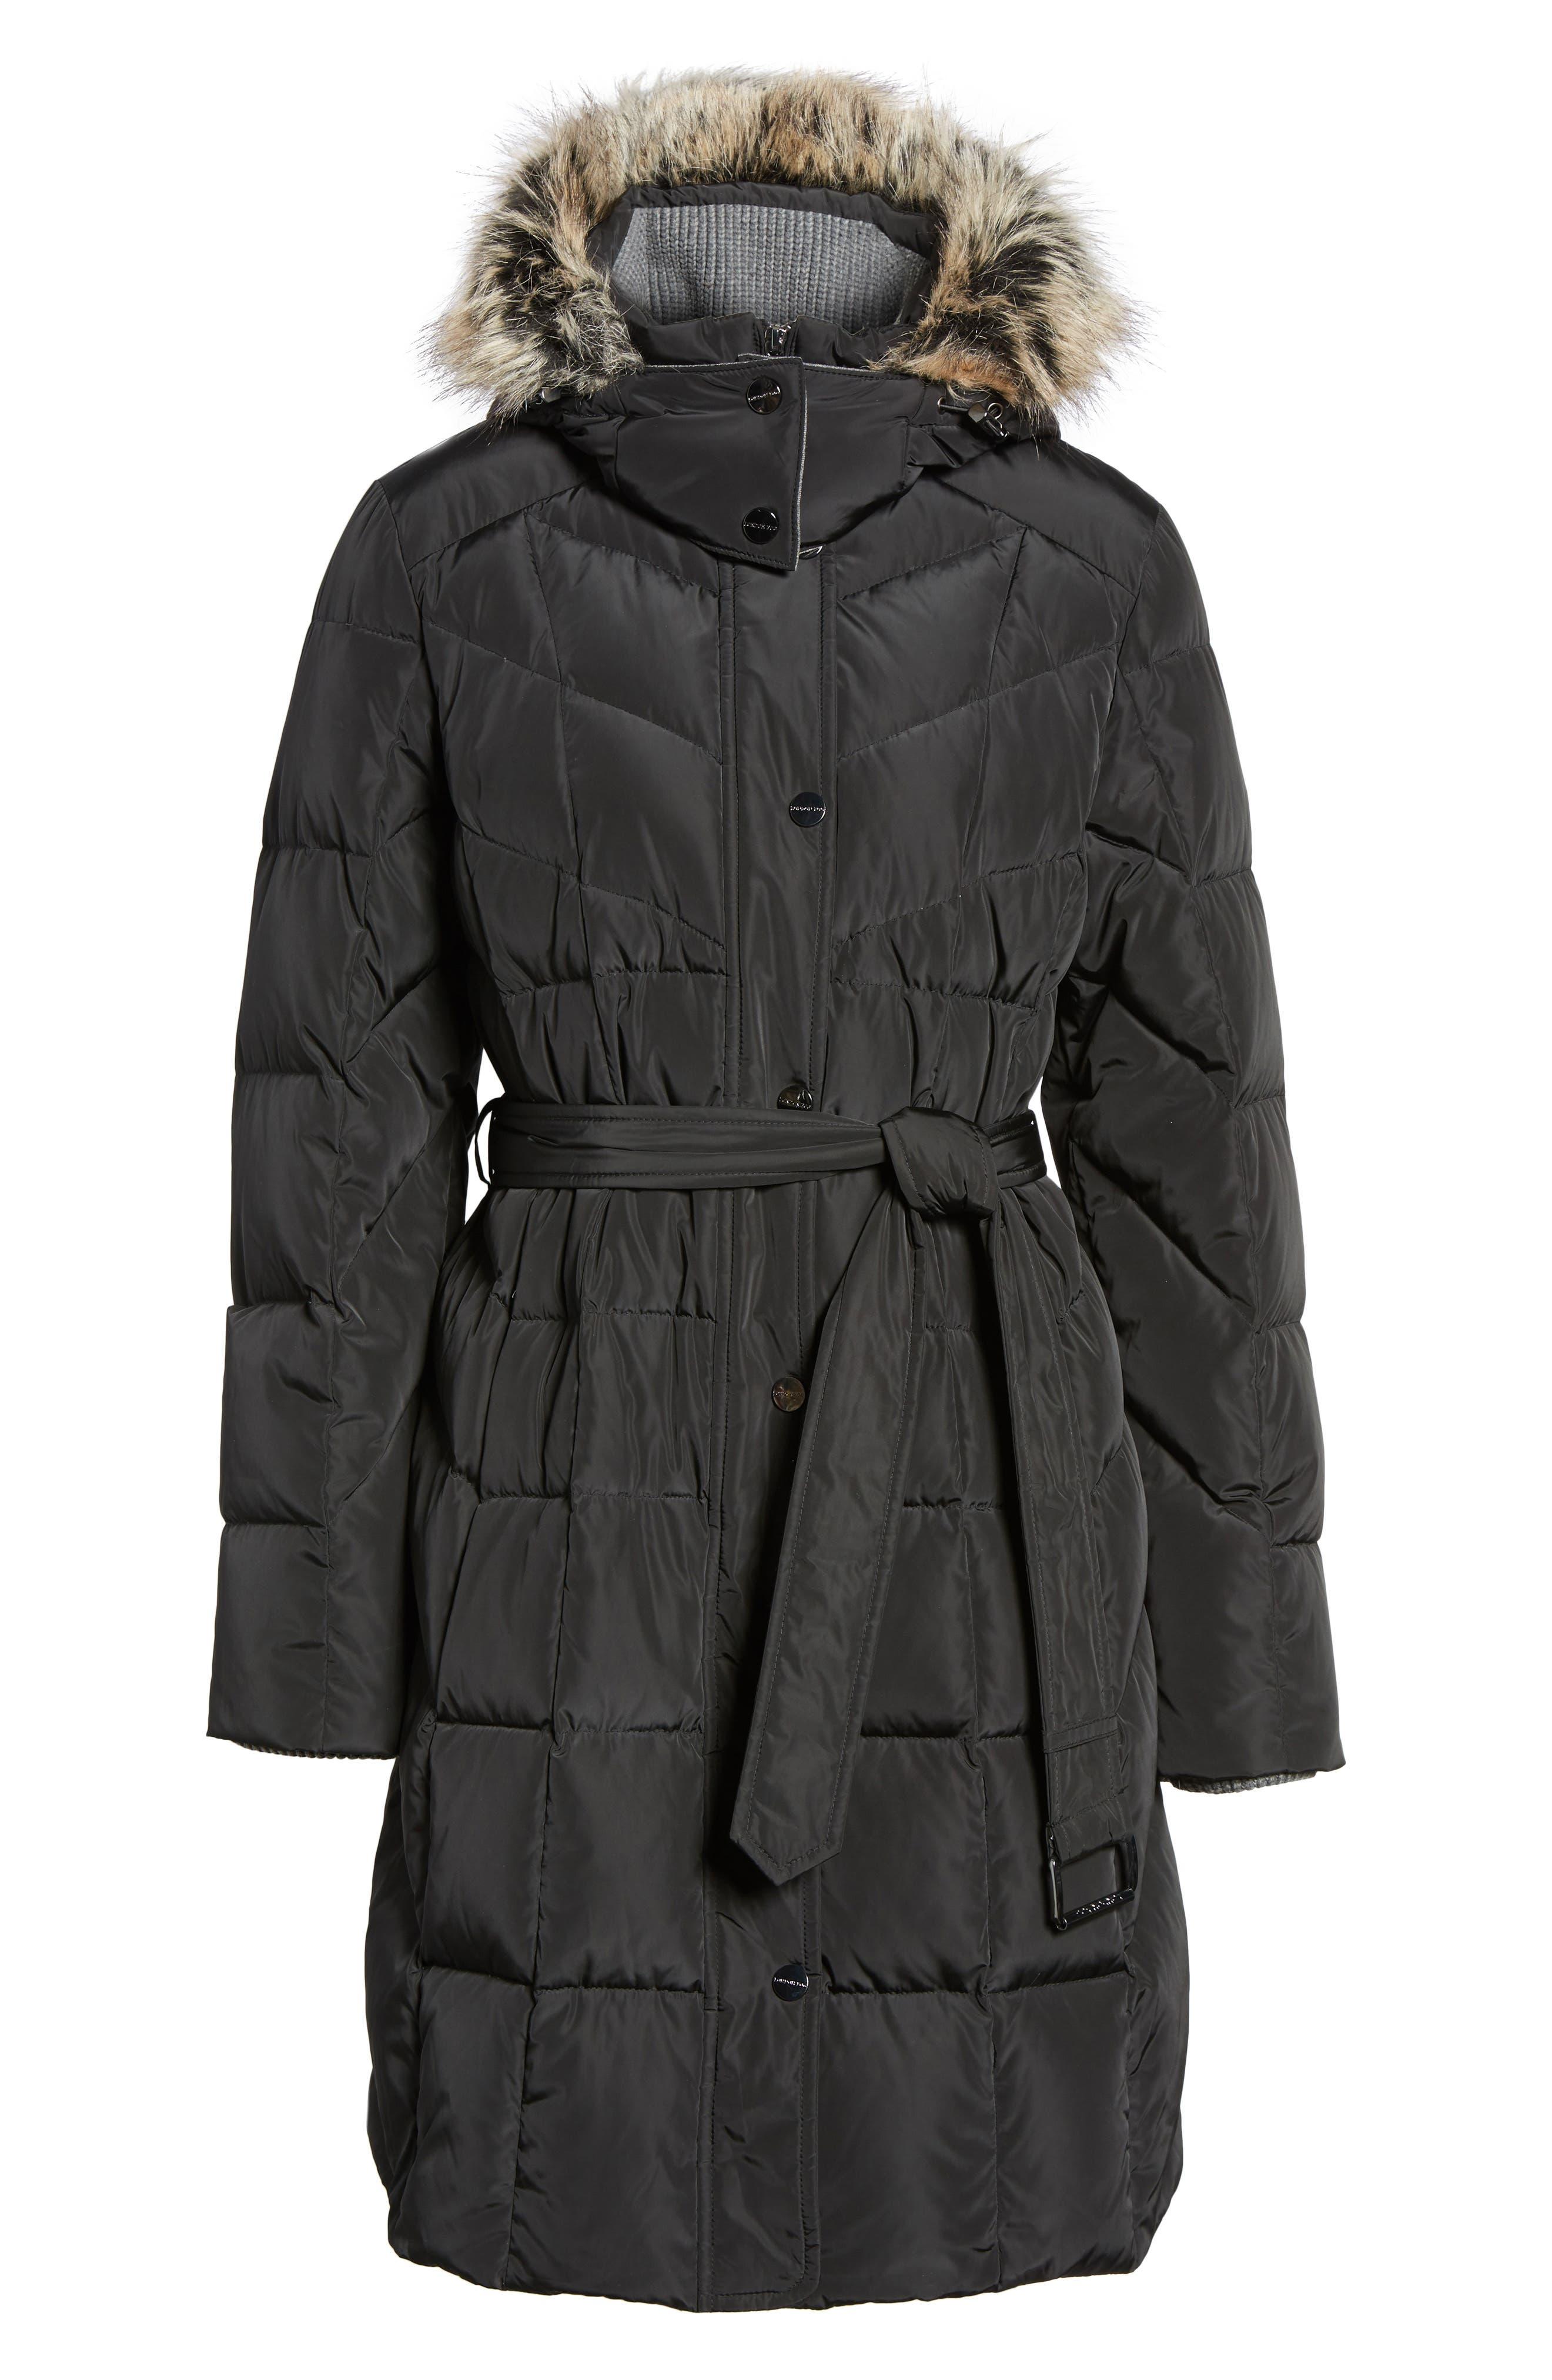 Down Coat with Faux Fur Trim,                             Alternate thumbnail 5, color,                             001